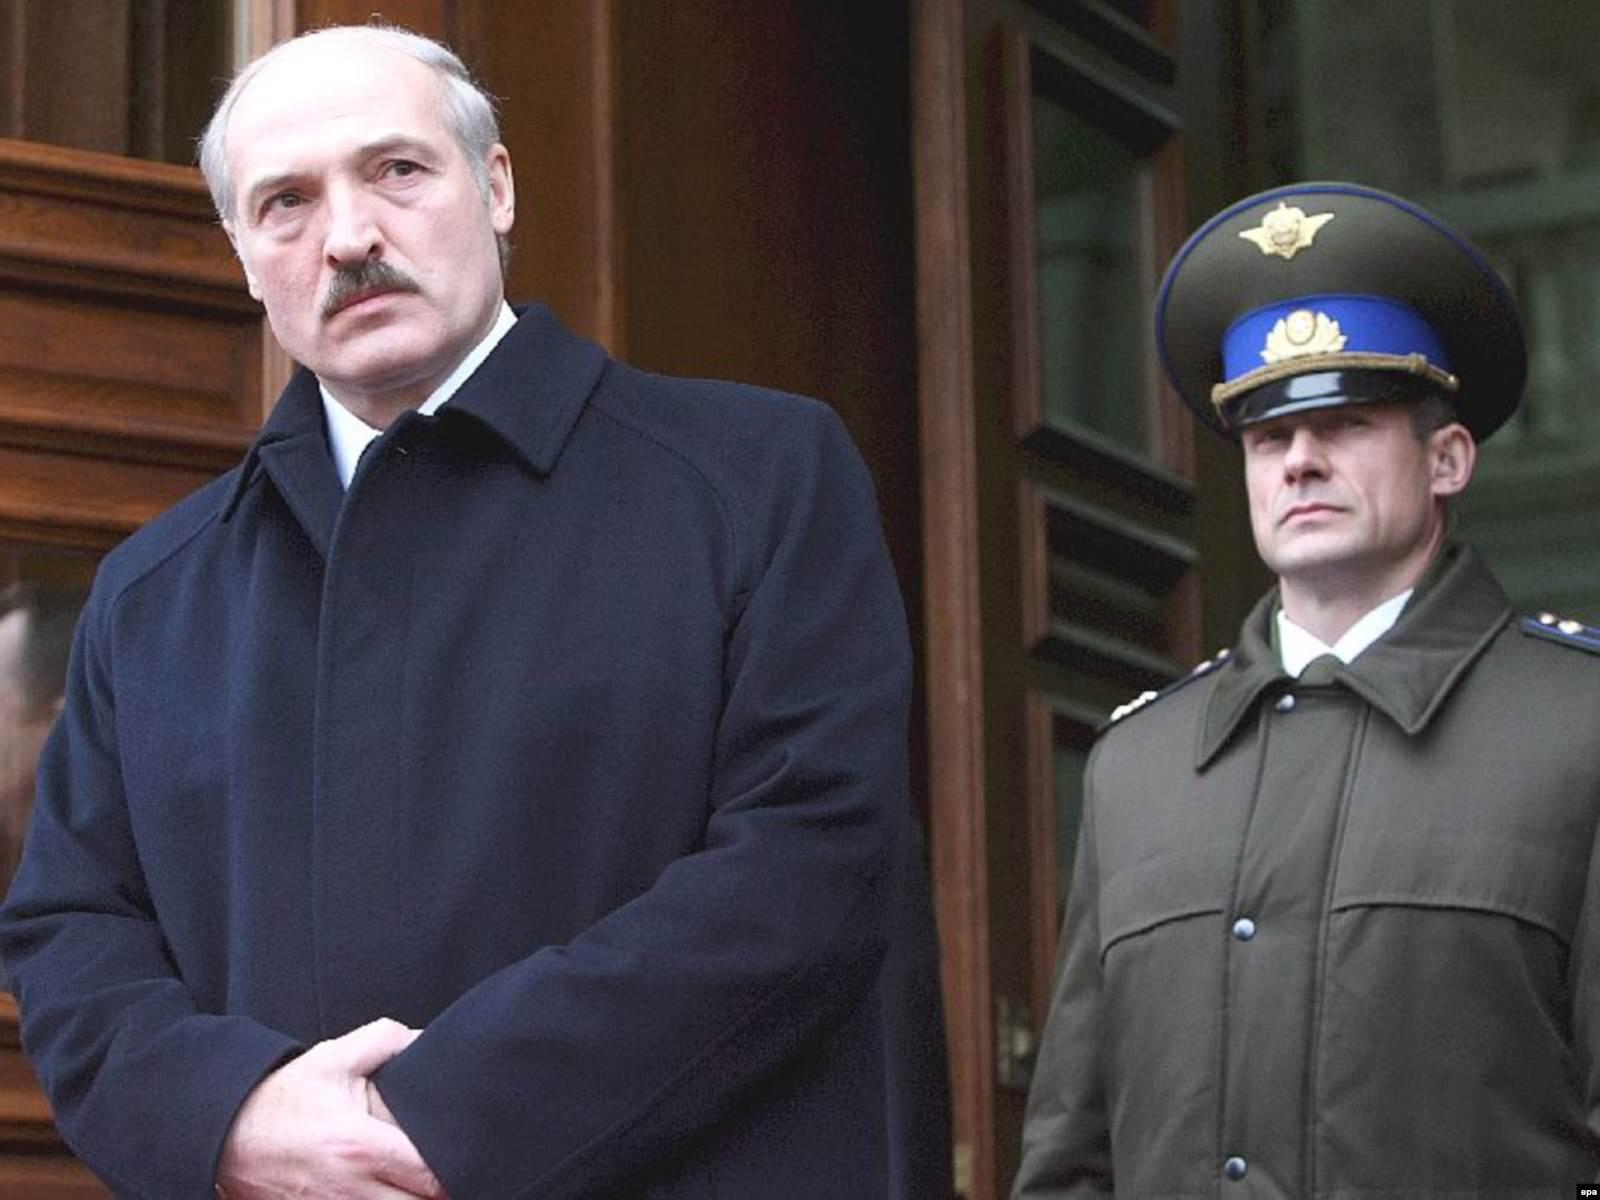 Александр Лукашенко и Николай Латышонок, руководитель охраны президента, 14 декабря 2007. Фото: EPA